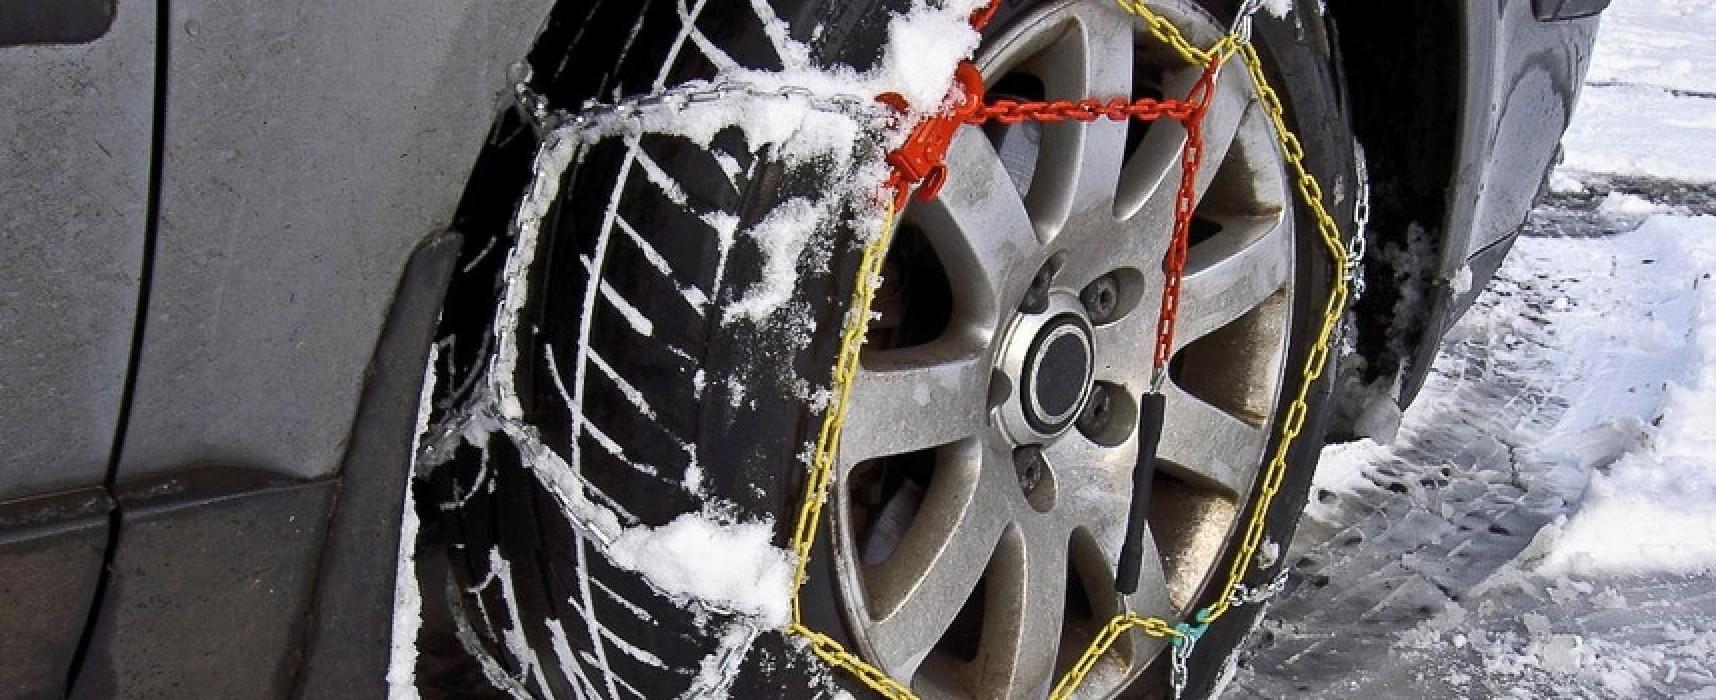 Dal 15 novembre obbligo catene a bordo o pneumatici invernali / DETTAGLI